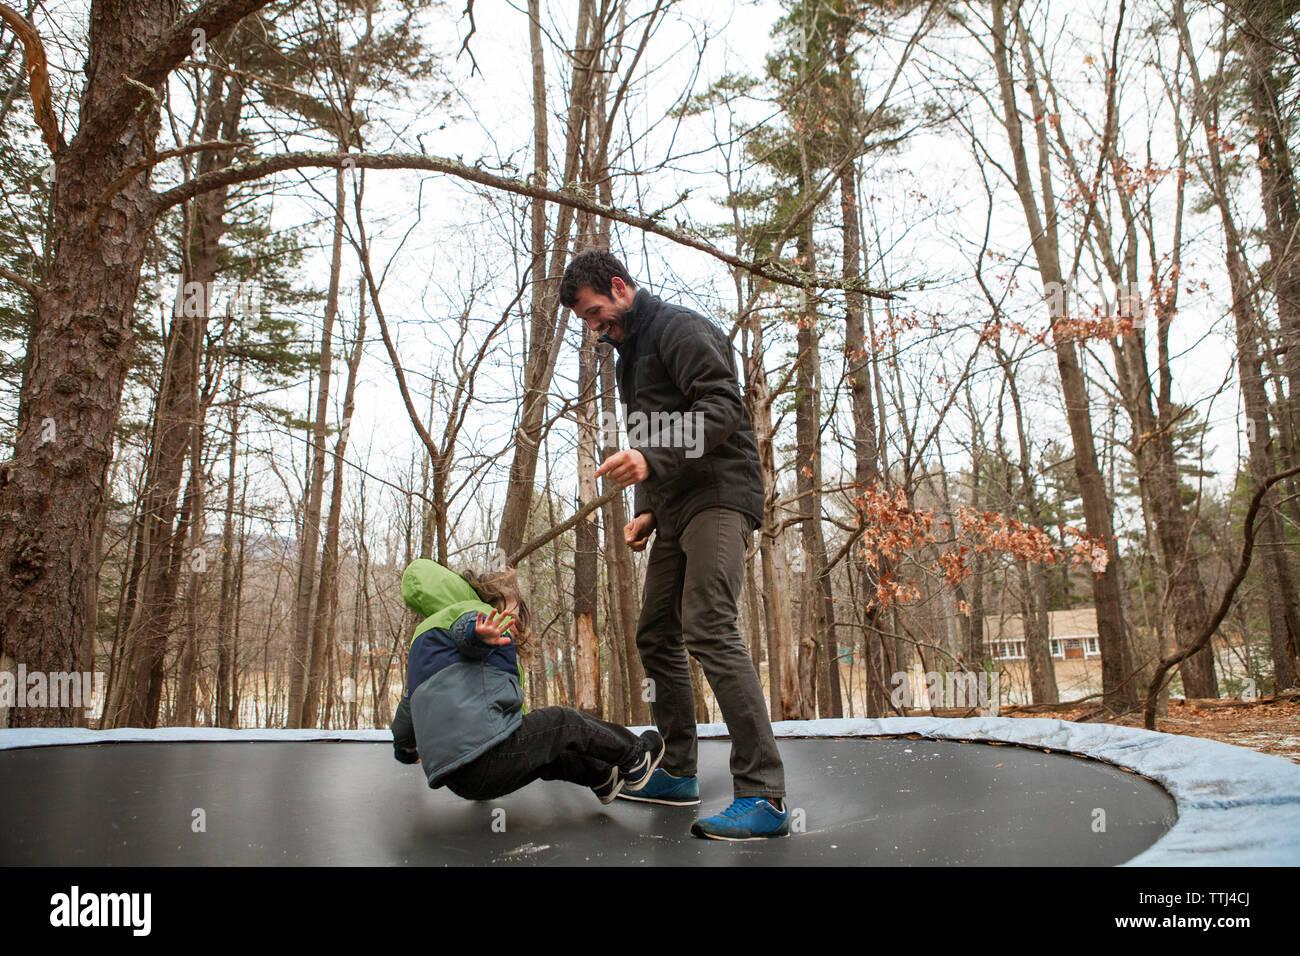 Vater auf Sohn springt auf einem Trampolin im Park Stockfoto